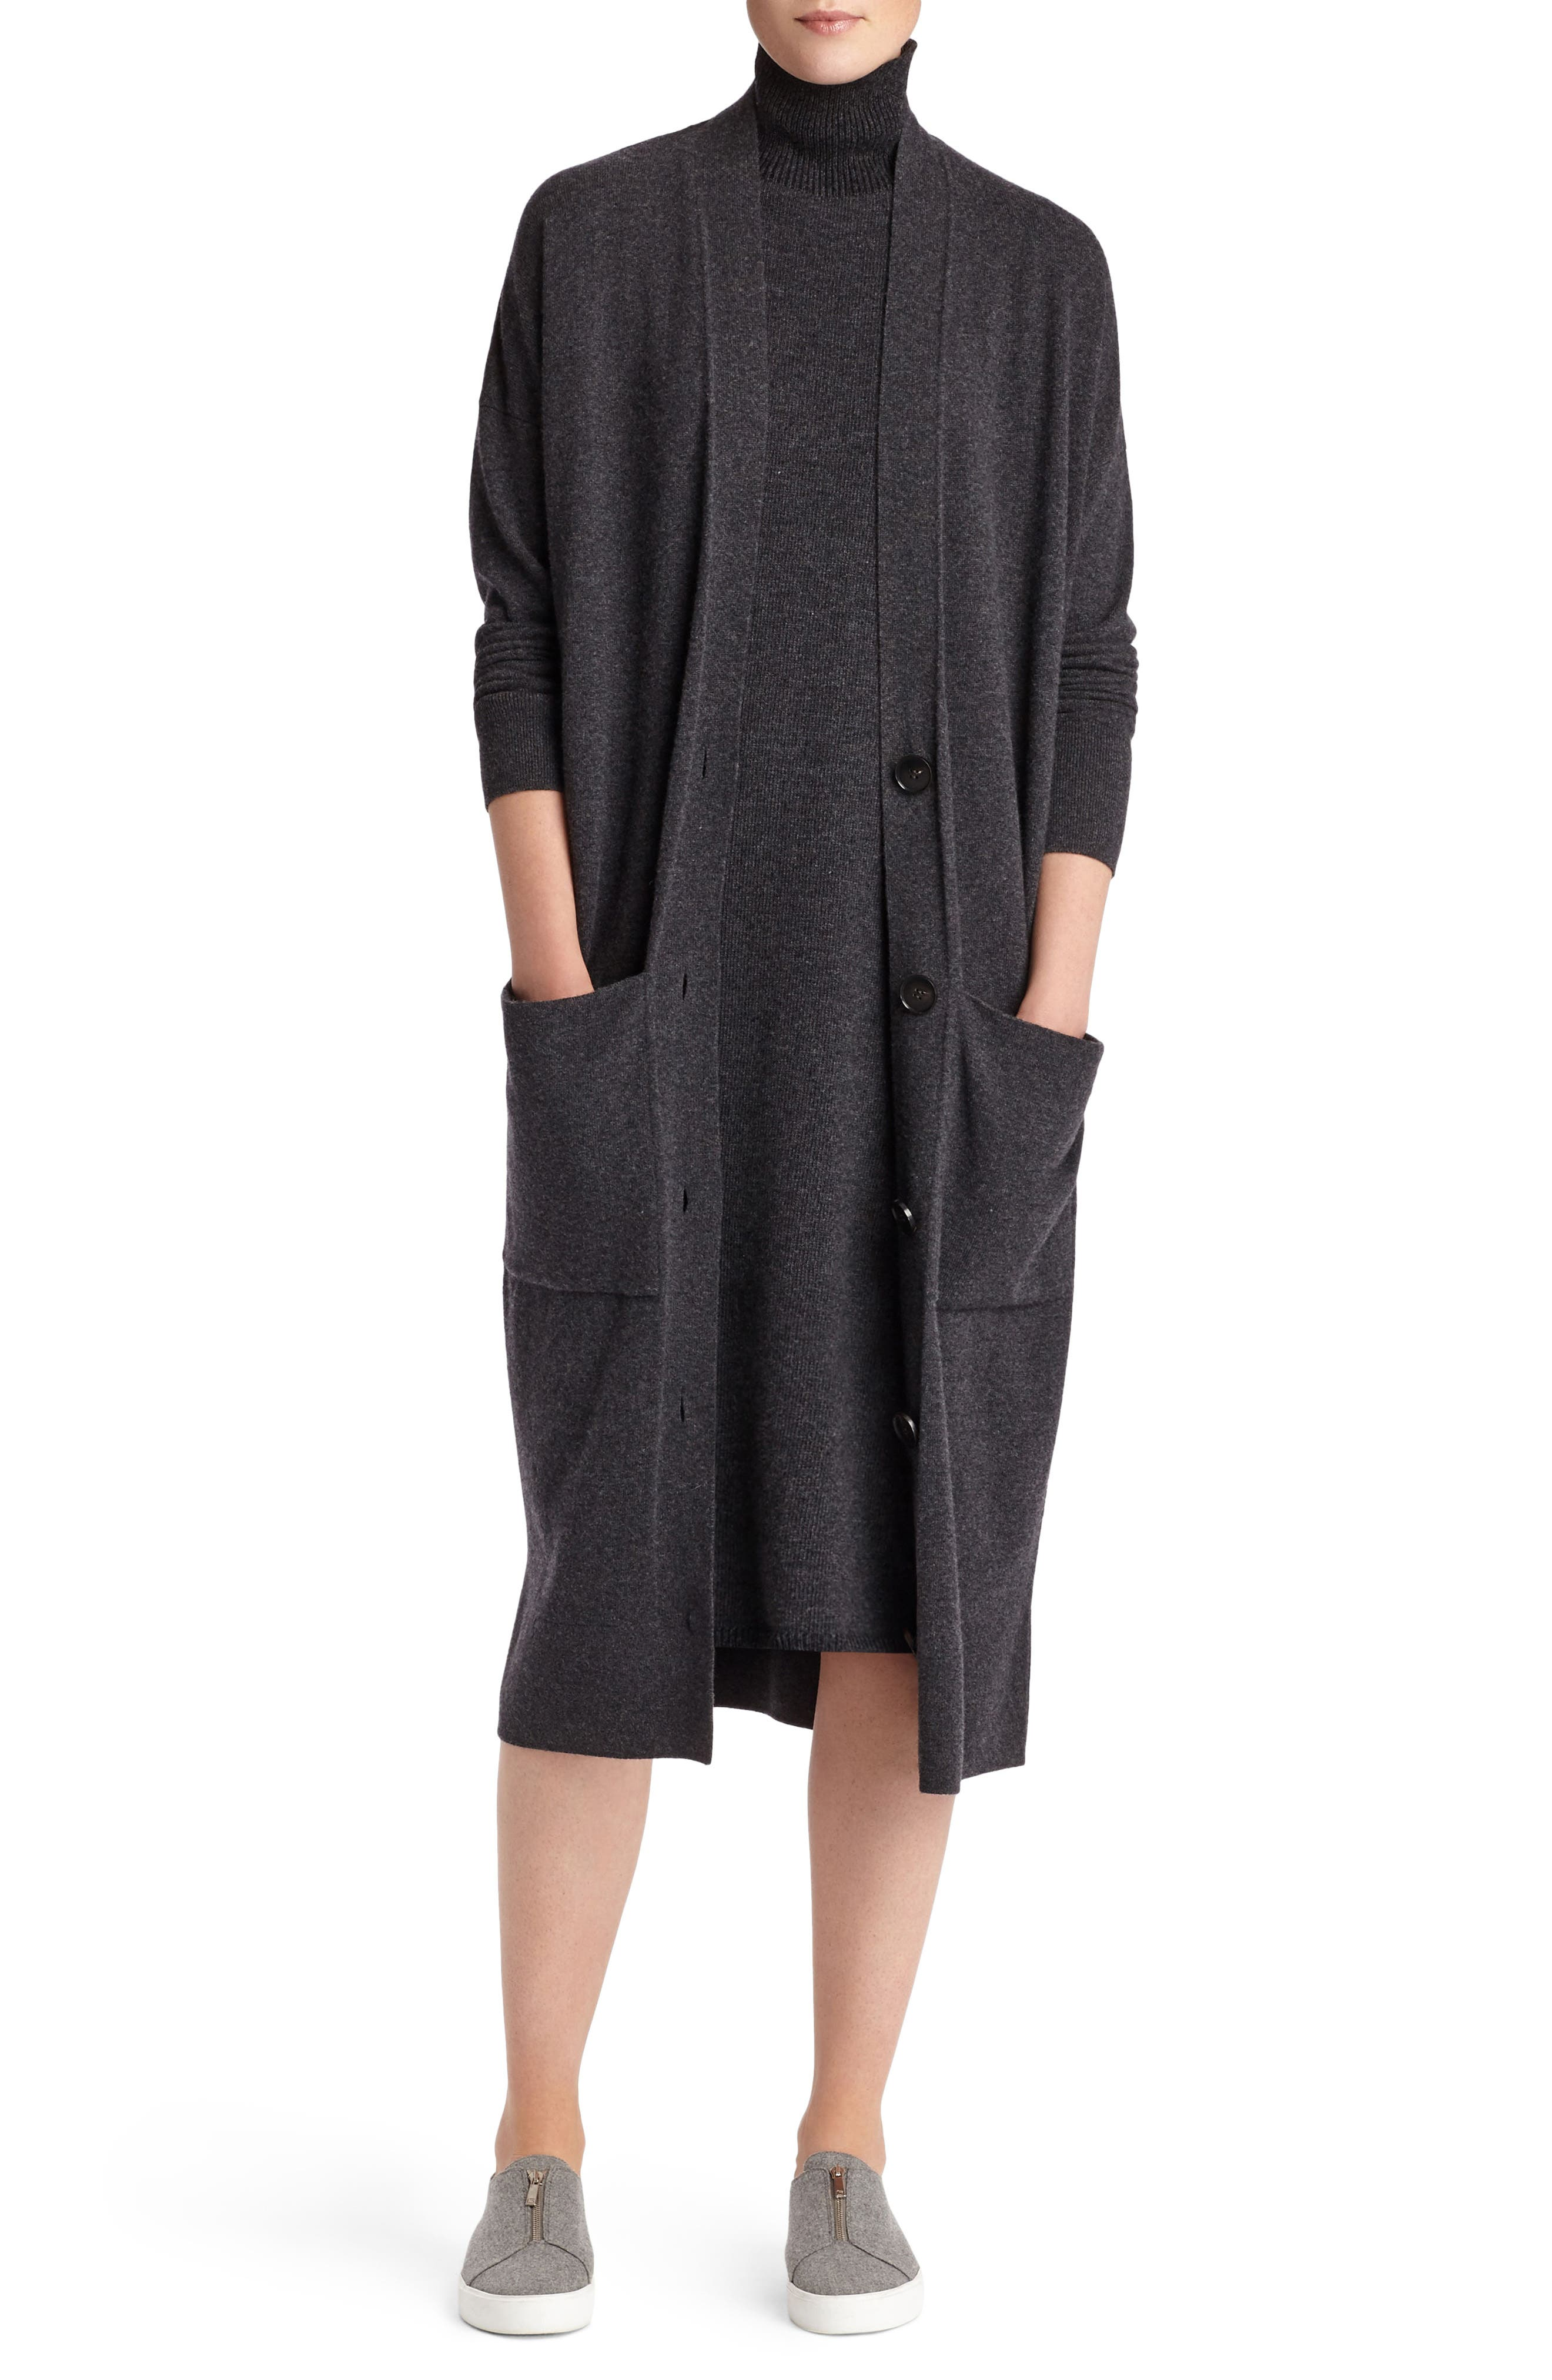 Alternate Image 2  - Lafayette 148 New York Vanise Merino Wool & Cashmere Sweater Dress